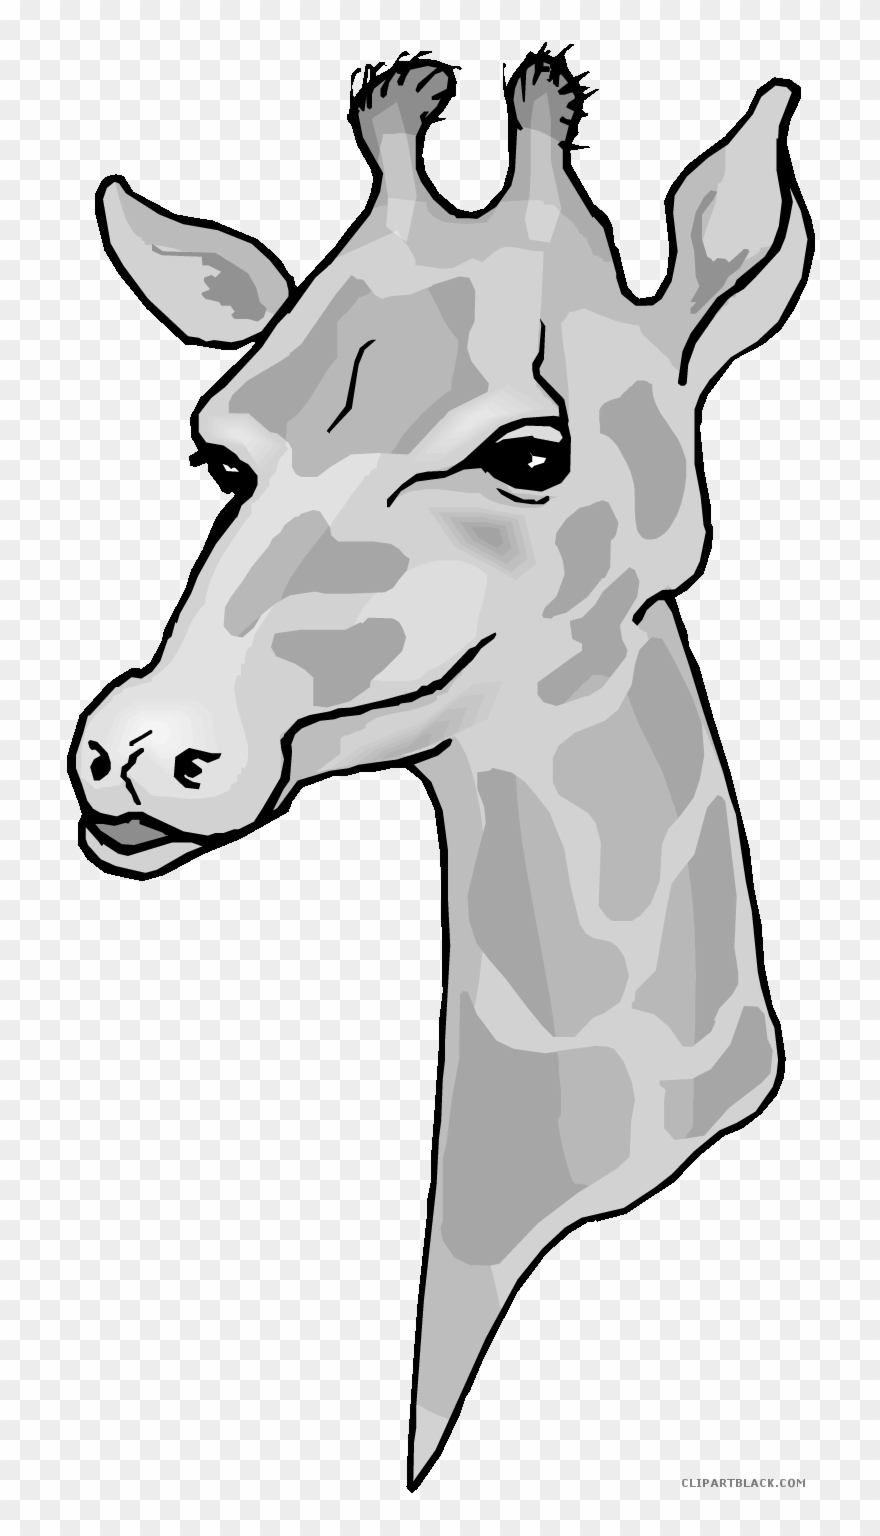 Clip art png download. Giraffe clipart head